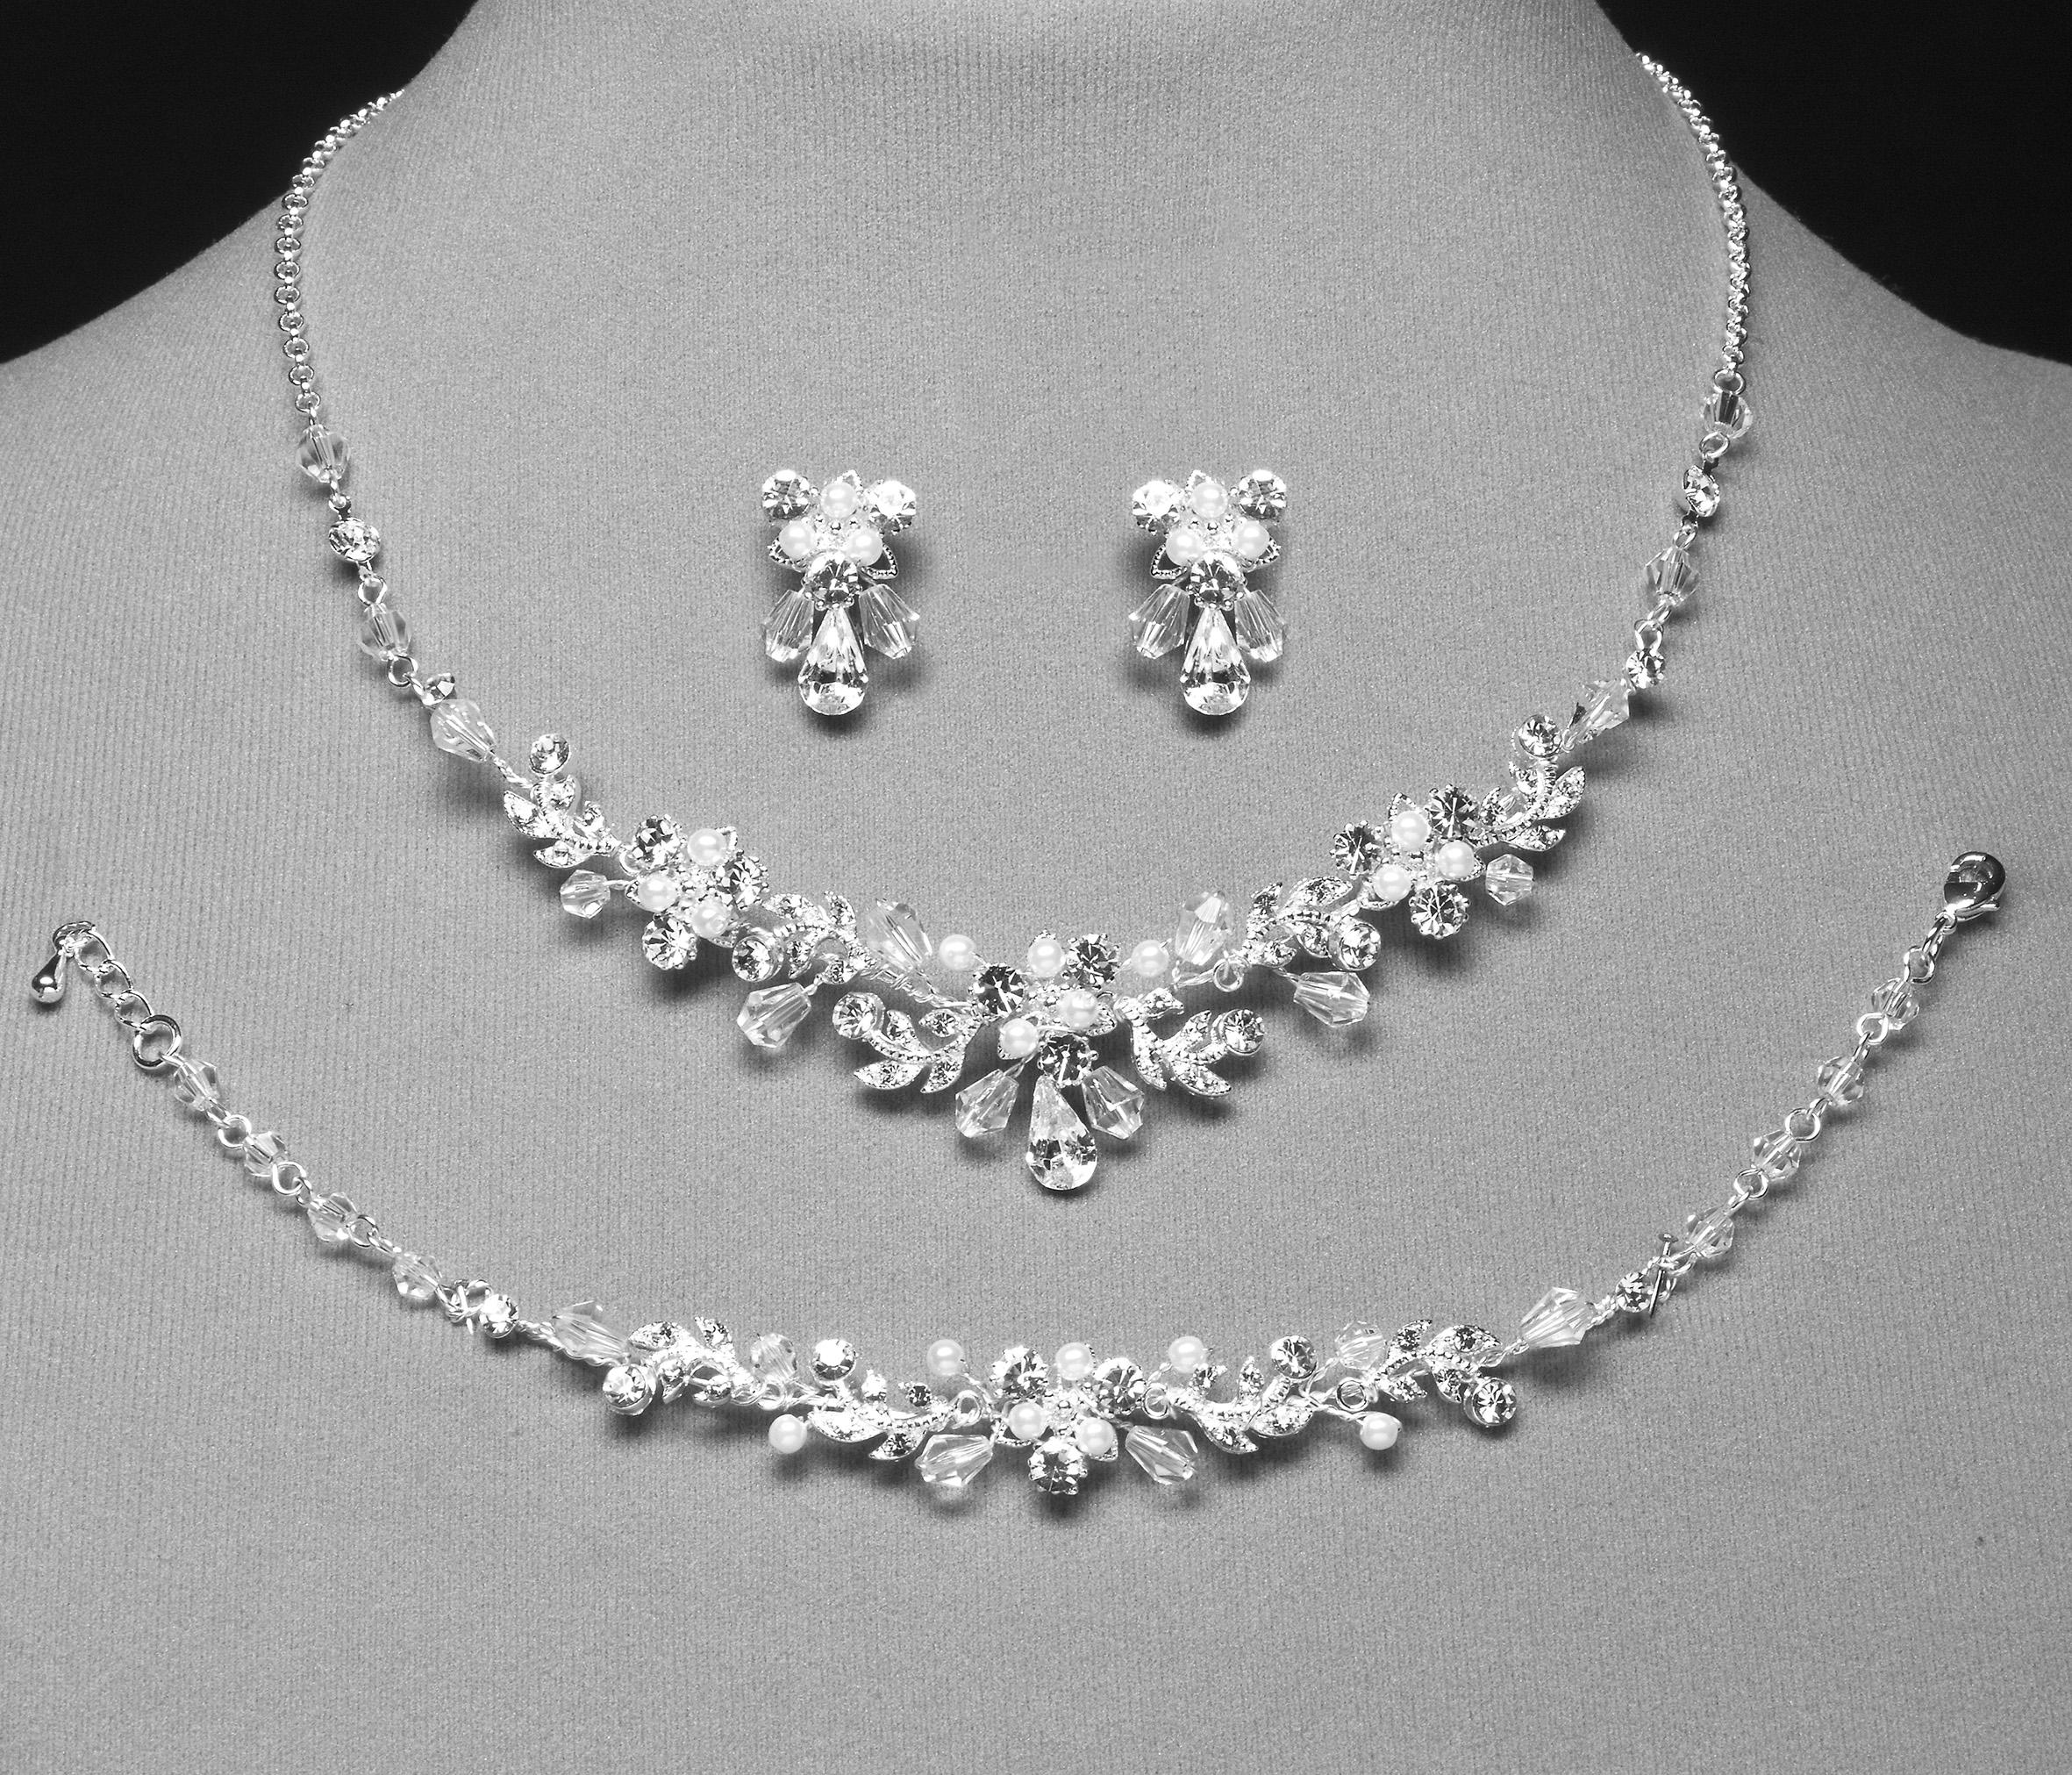 Wonderbaar Jewelery set online | Bridal accessory - 3 piece jewelry XI-85